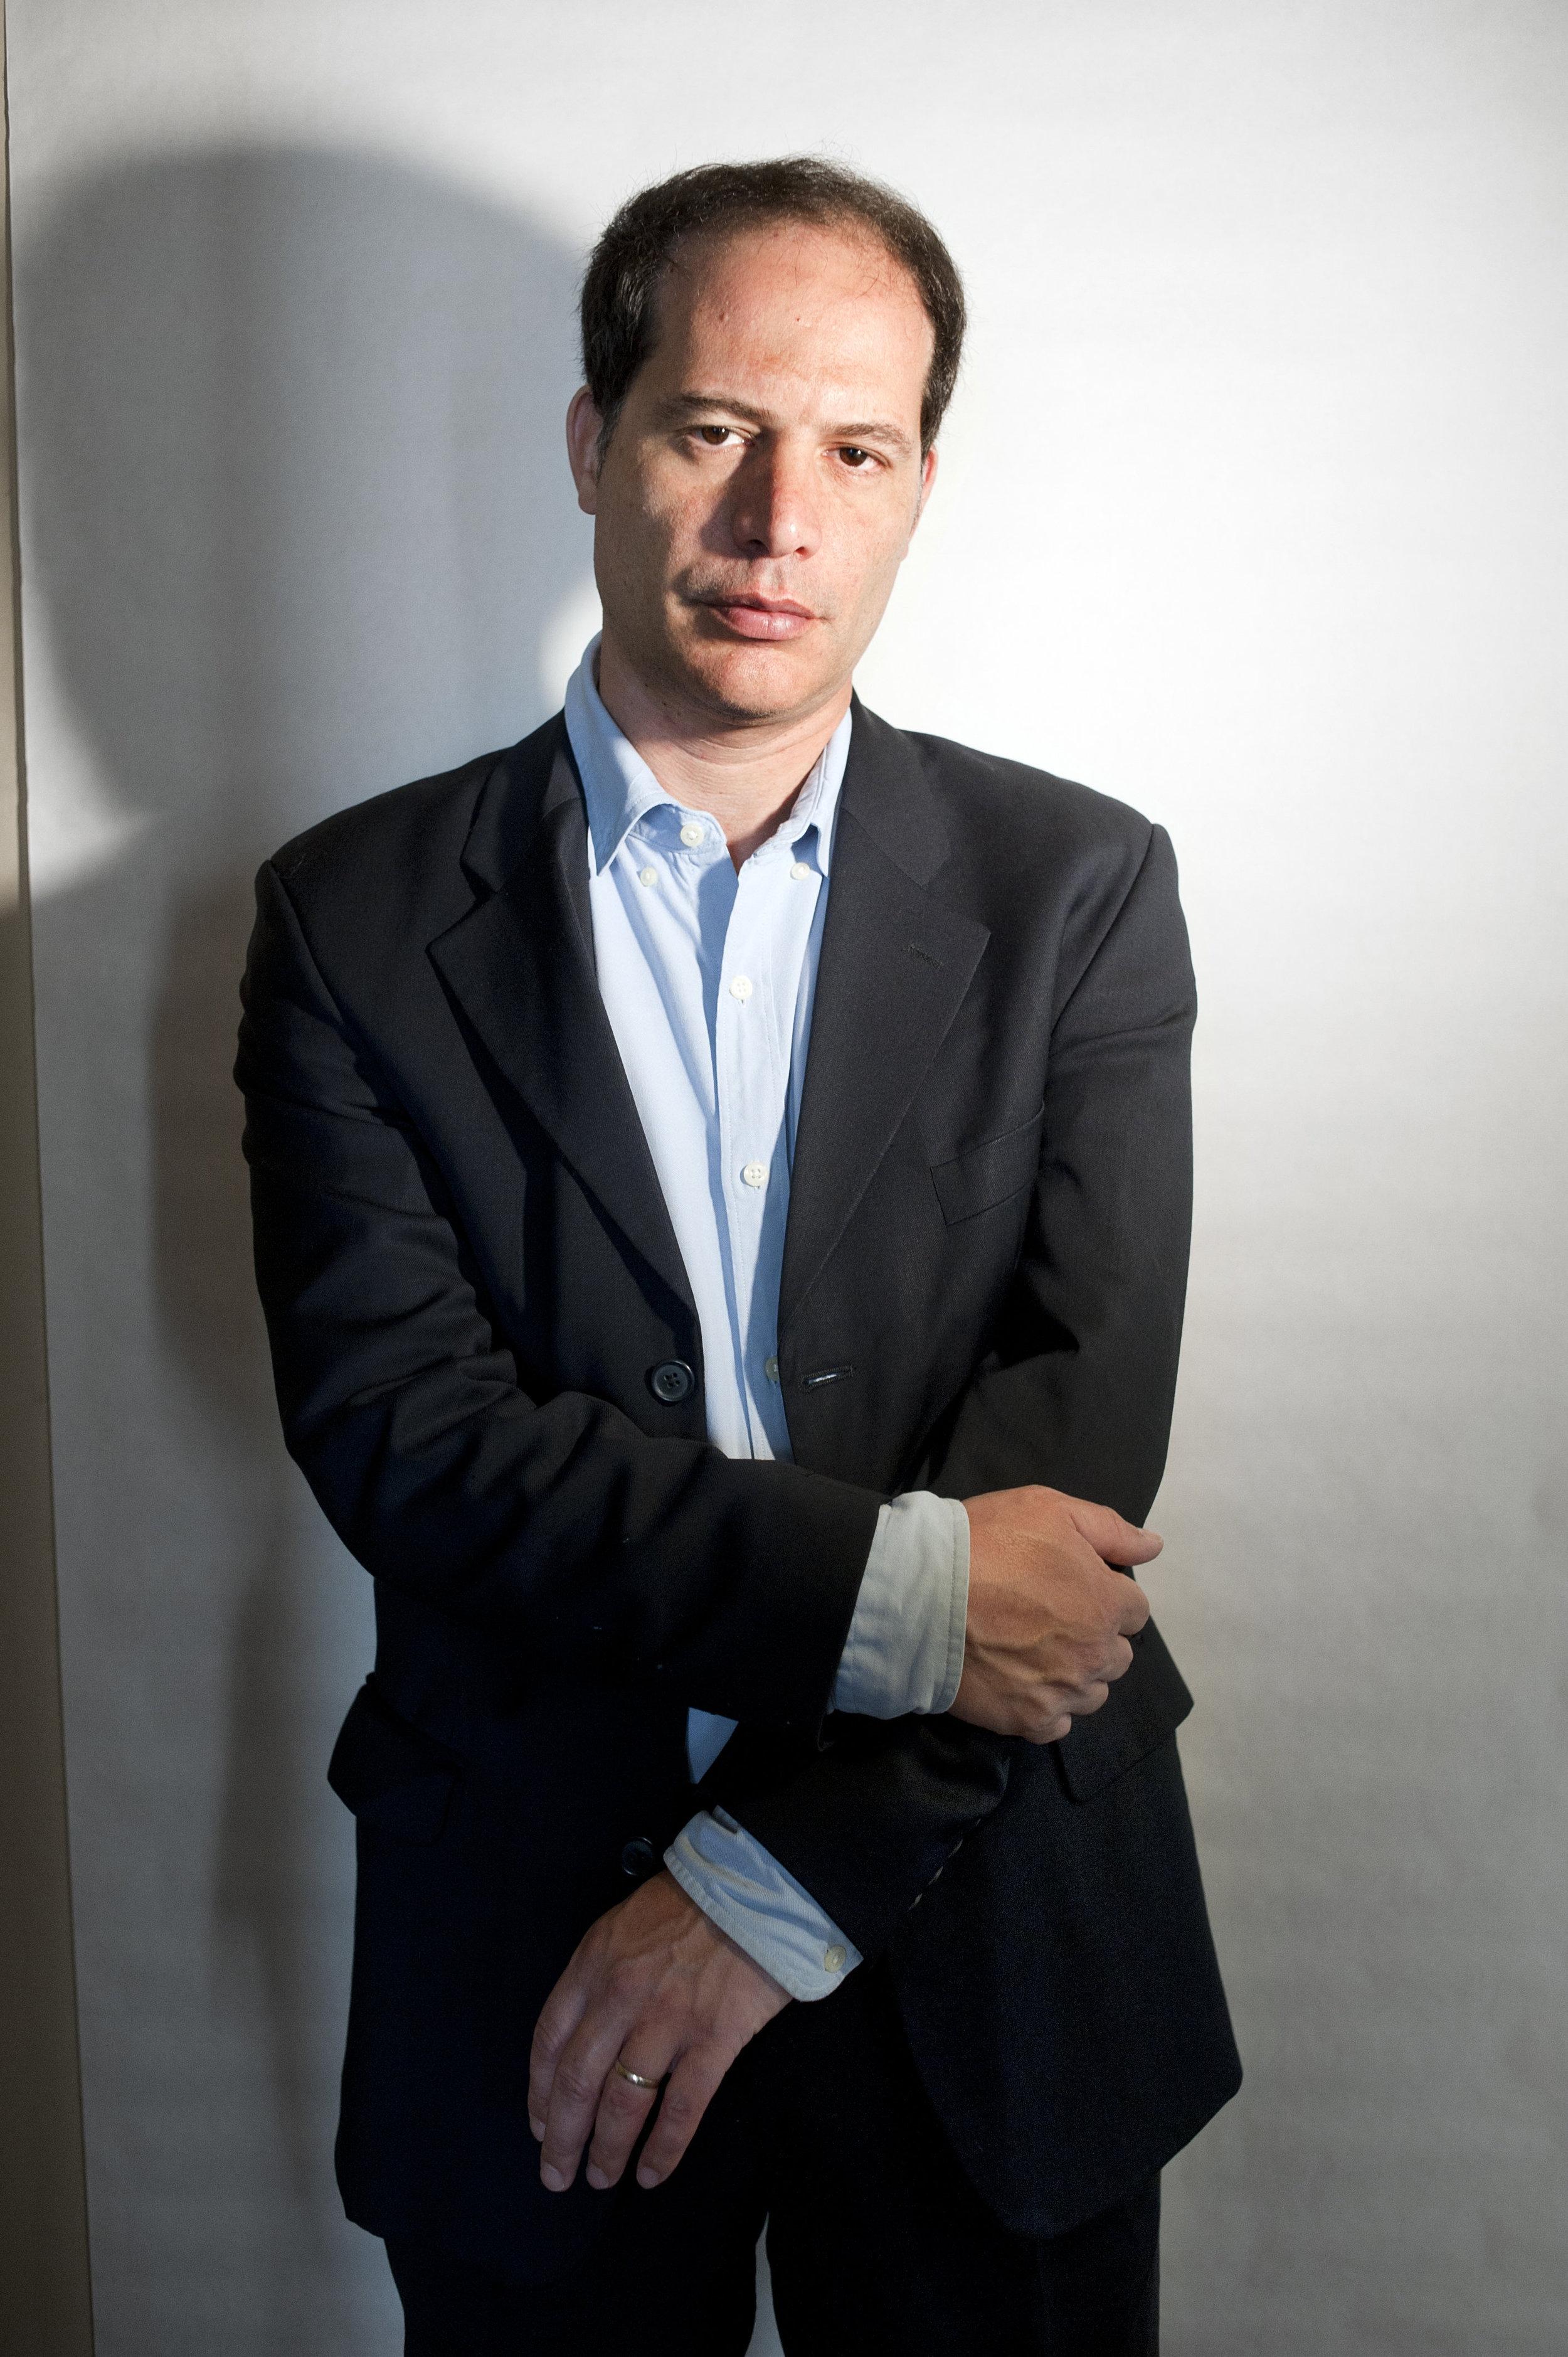 Simon Kuper